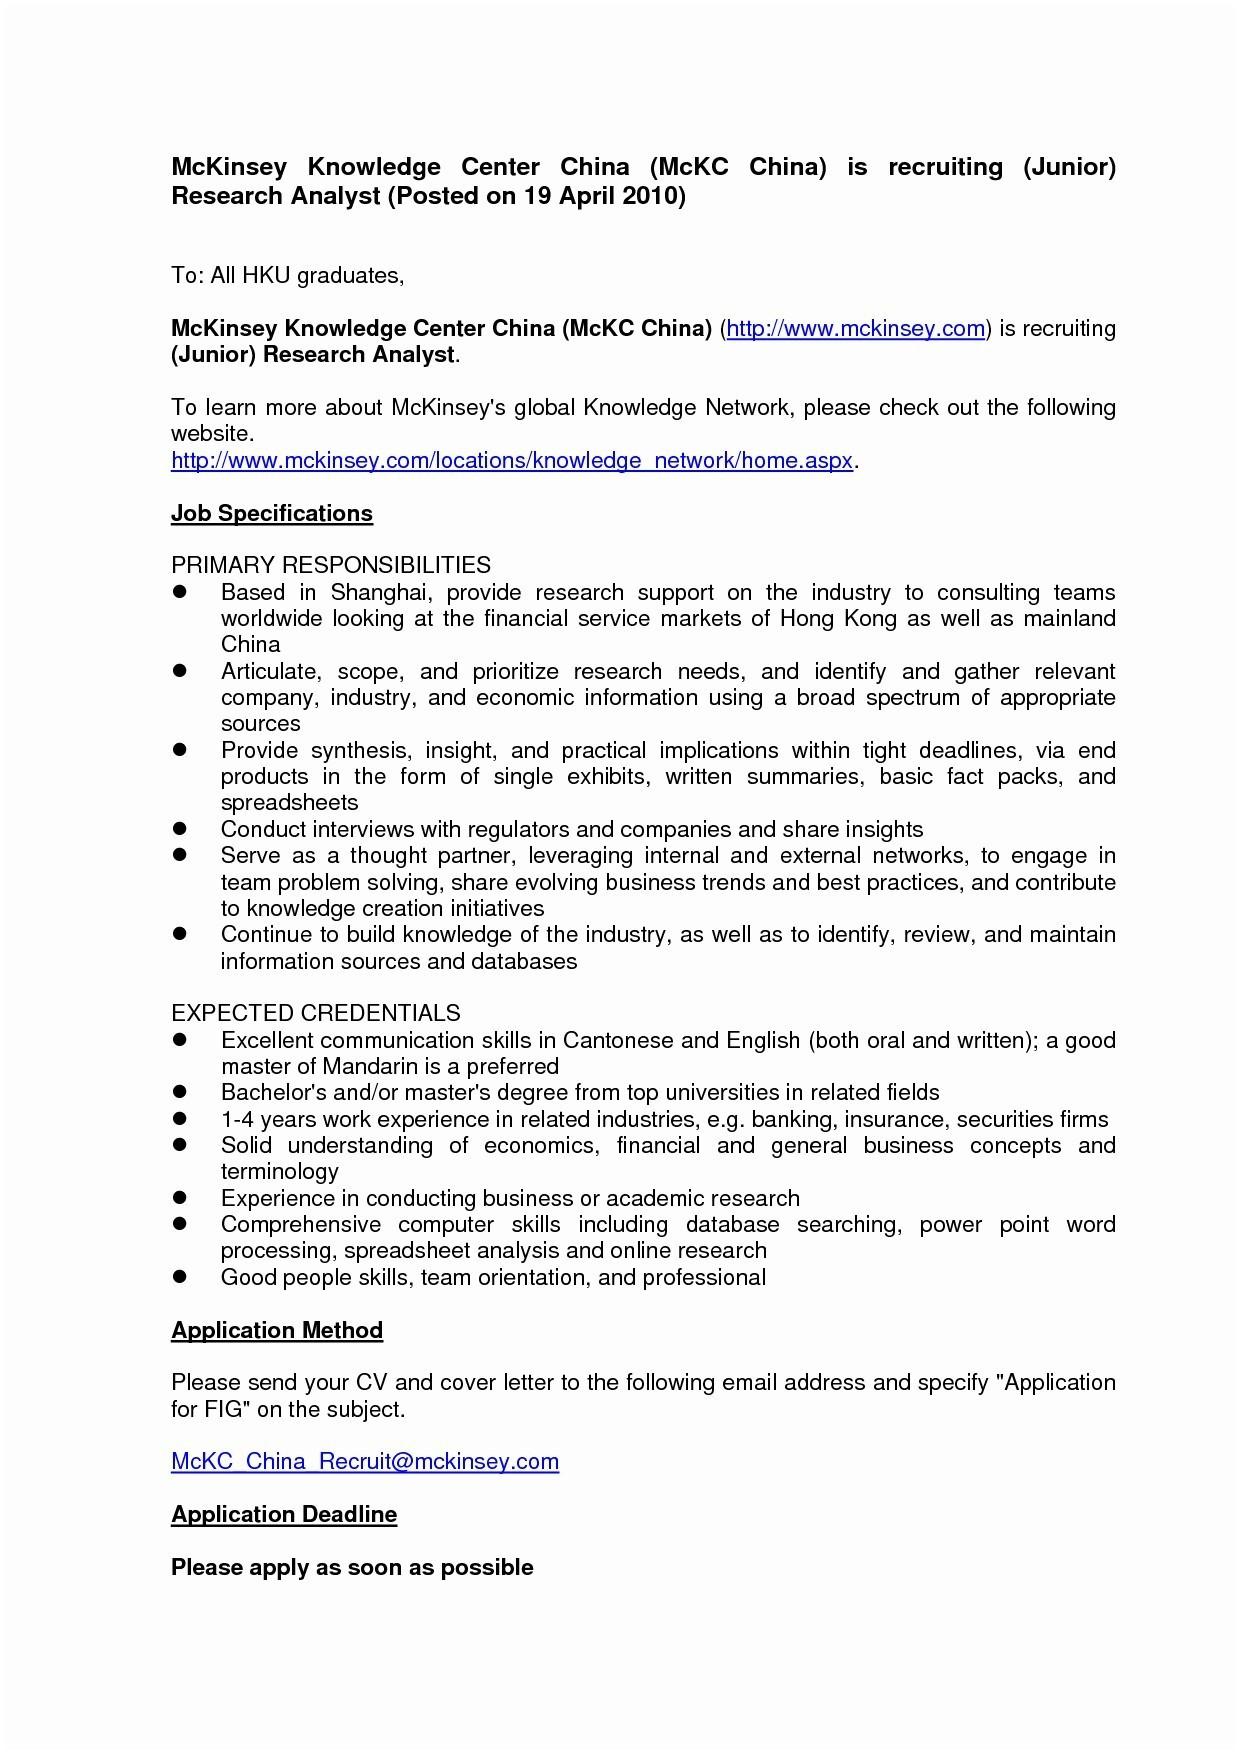 Rent to Own Proposal Letter Template - Fer Letter for Job Sample Best Job Fer Letter Template Us Copy Od